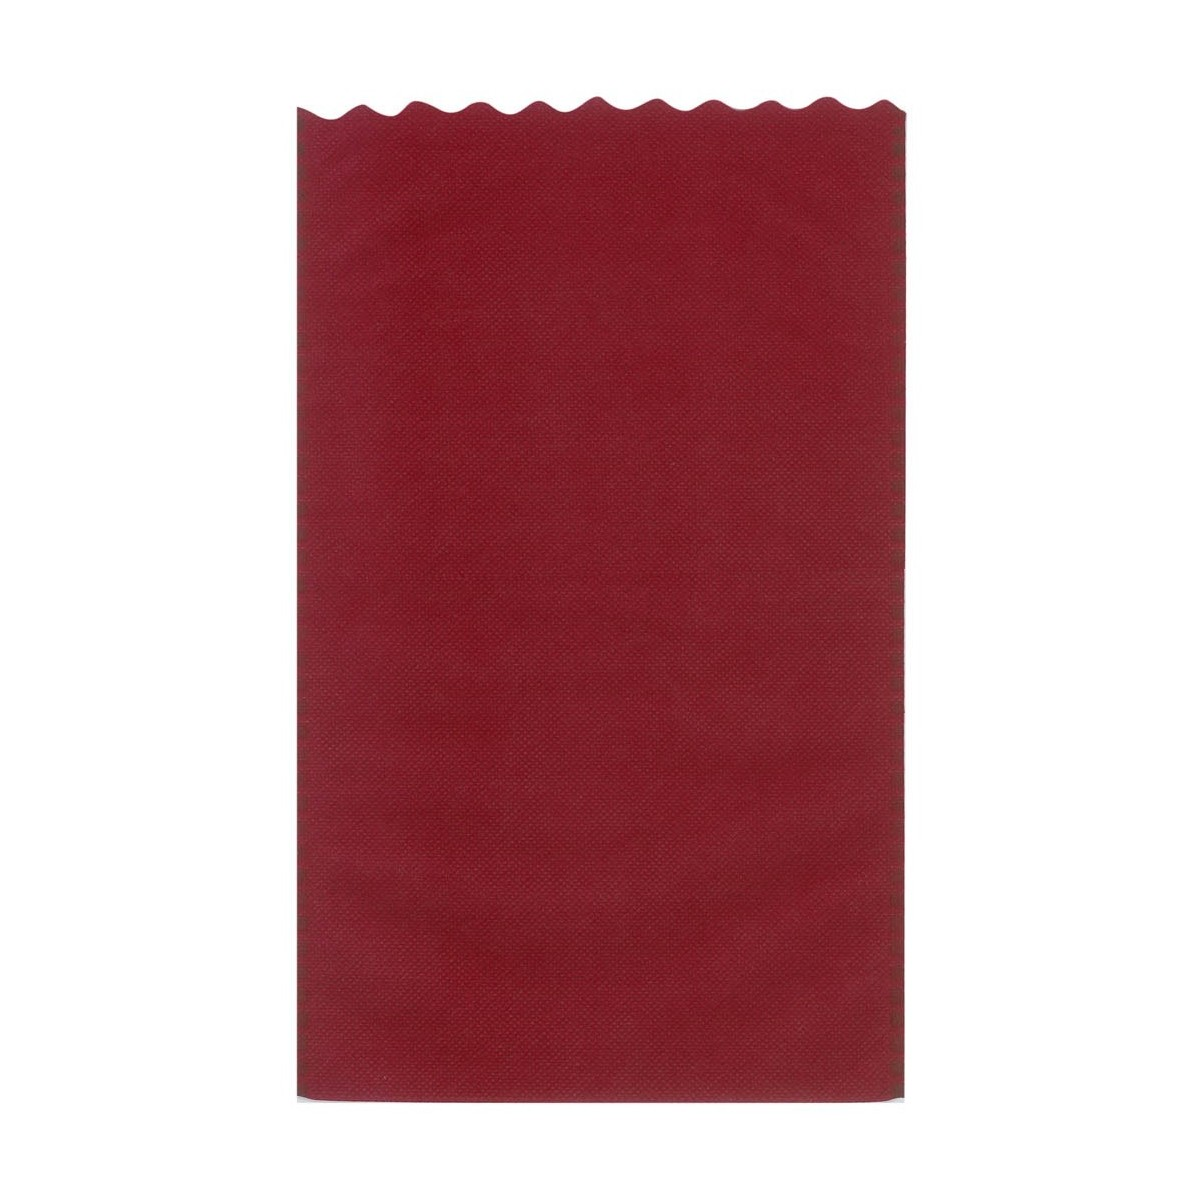 Busta Regalo Tessuto Non Tessuto TNT Colorata Confezione 25 Pezzi Bordeaux